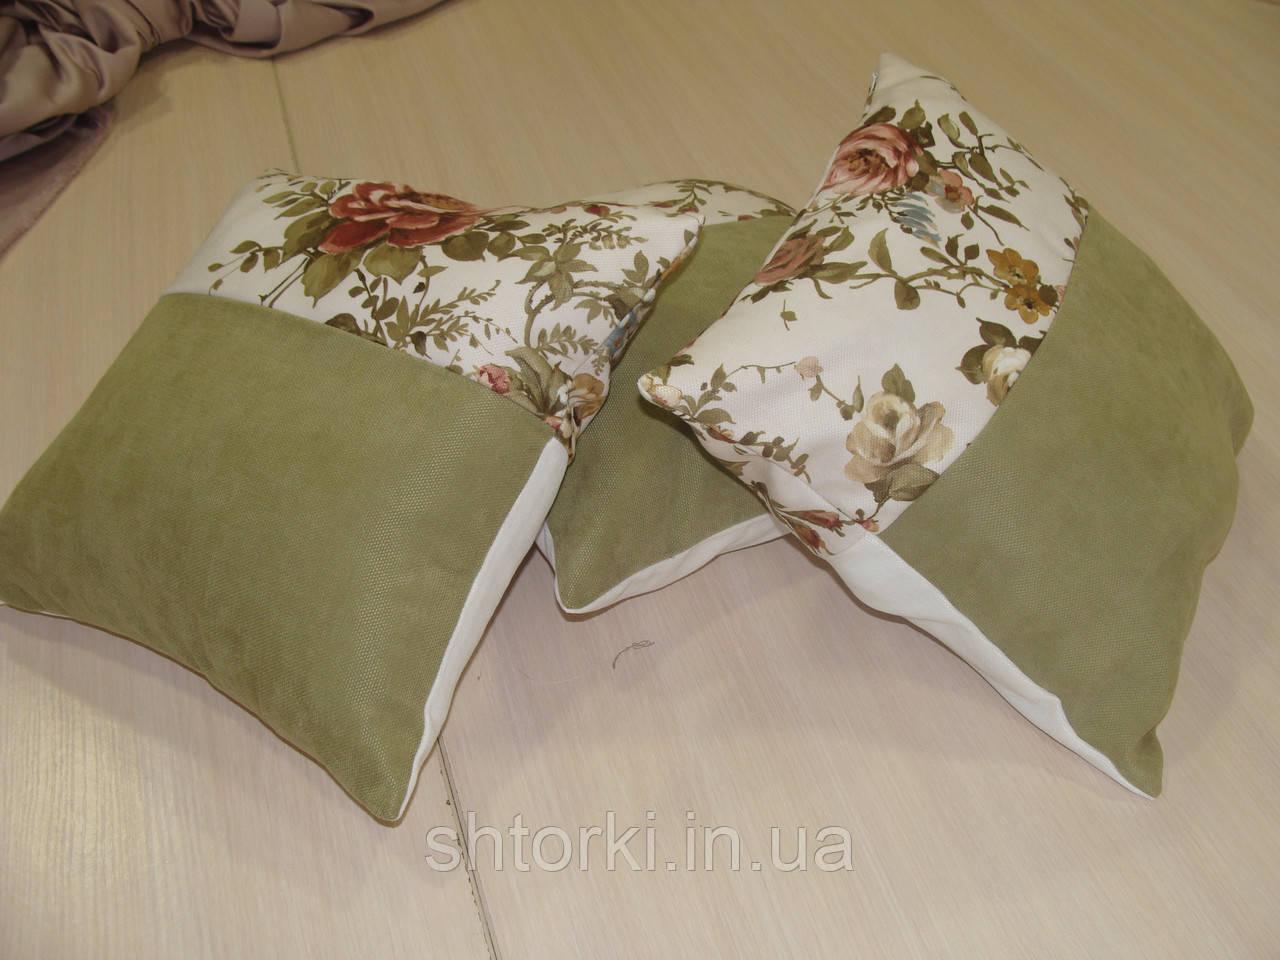 Комплект подушек  Розы молочные и зелень, 3шт 30х30